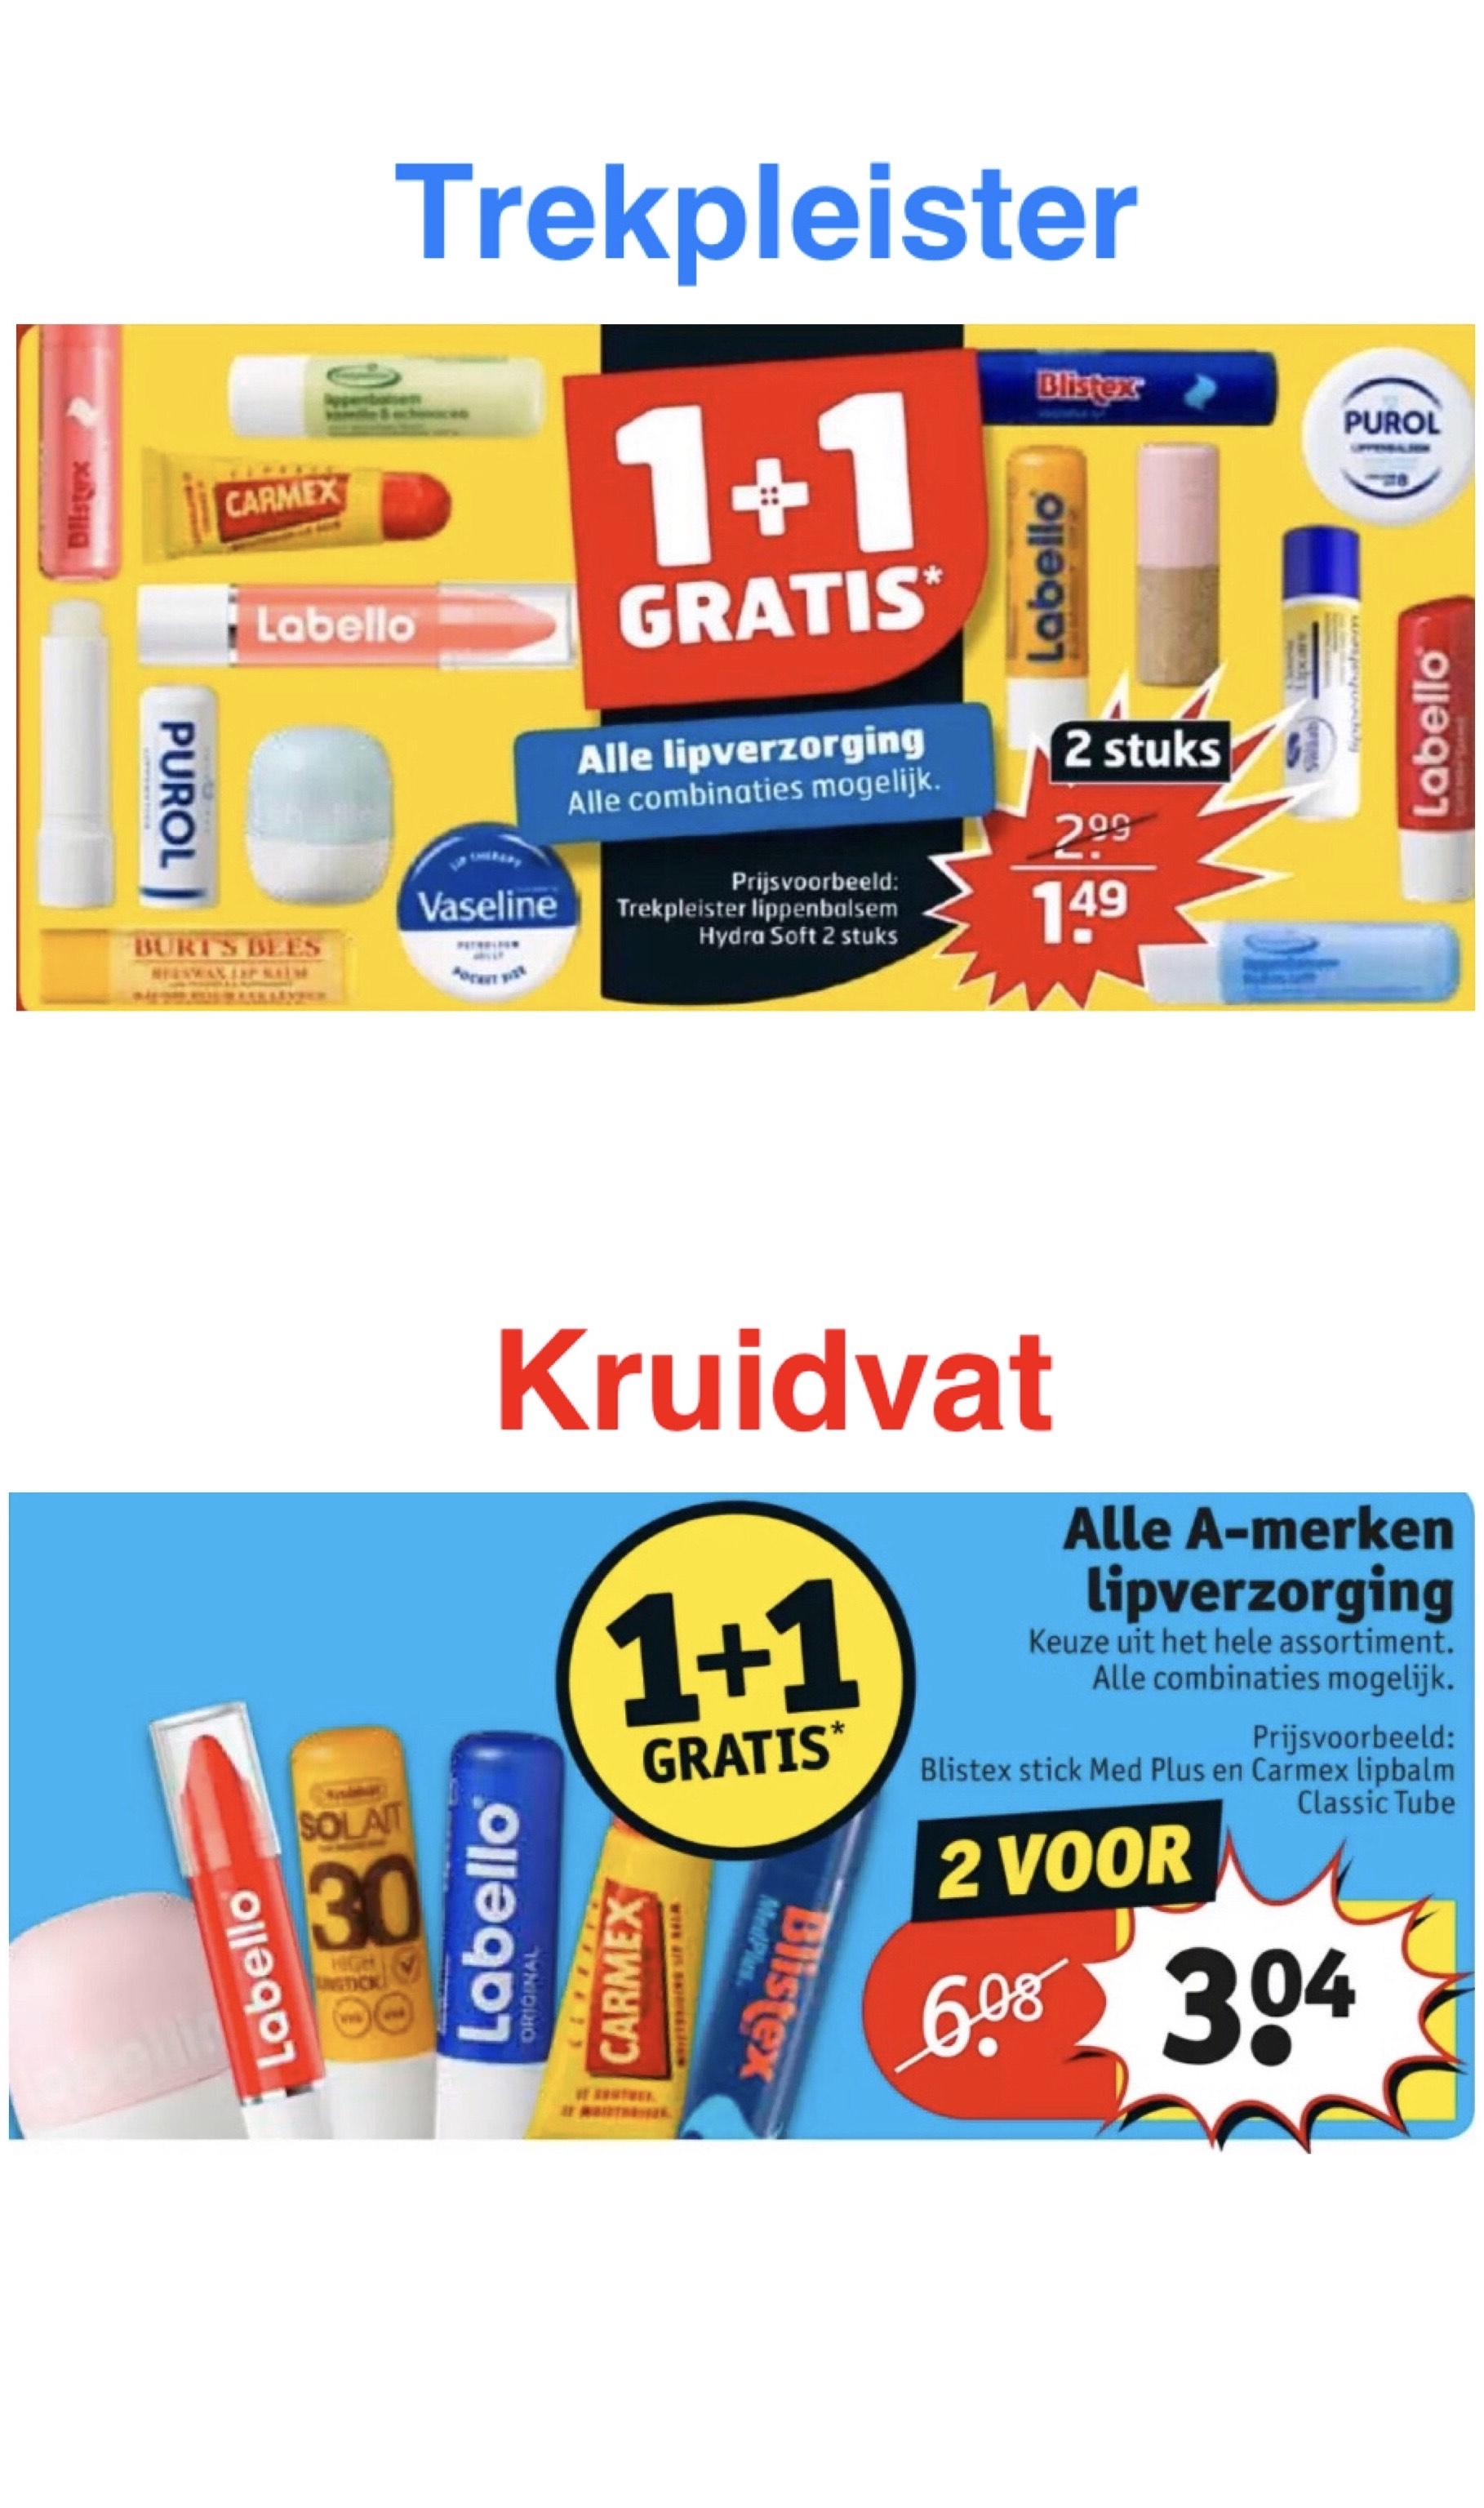 Alle lipverzorging 1+1 GRATIS @ Trekpleister én Kruidvat